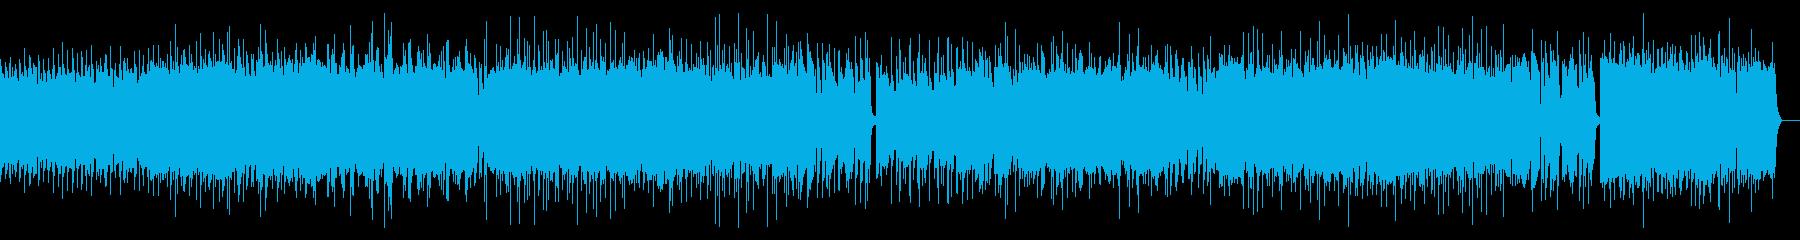 激しいポップパンク(ギターソロ抜き)の再生済みの波形